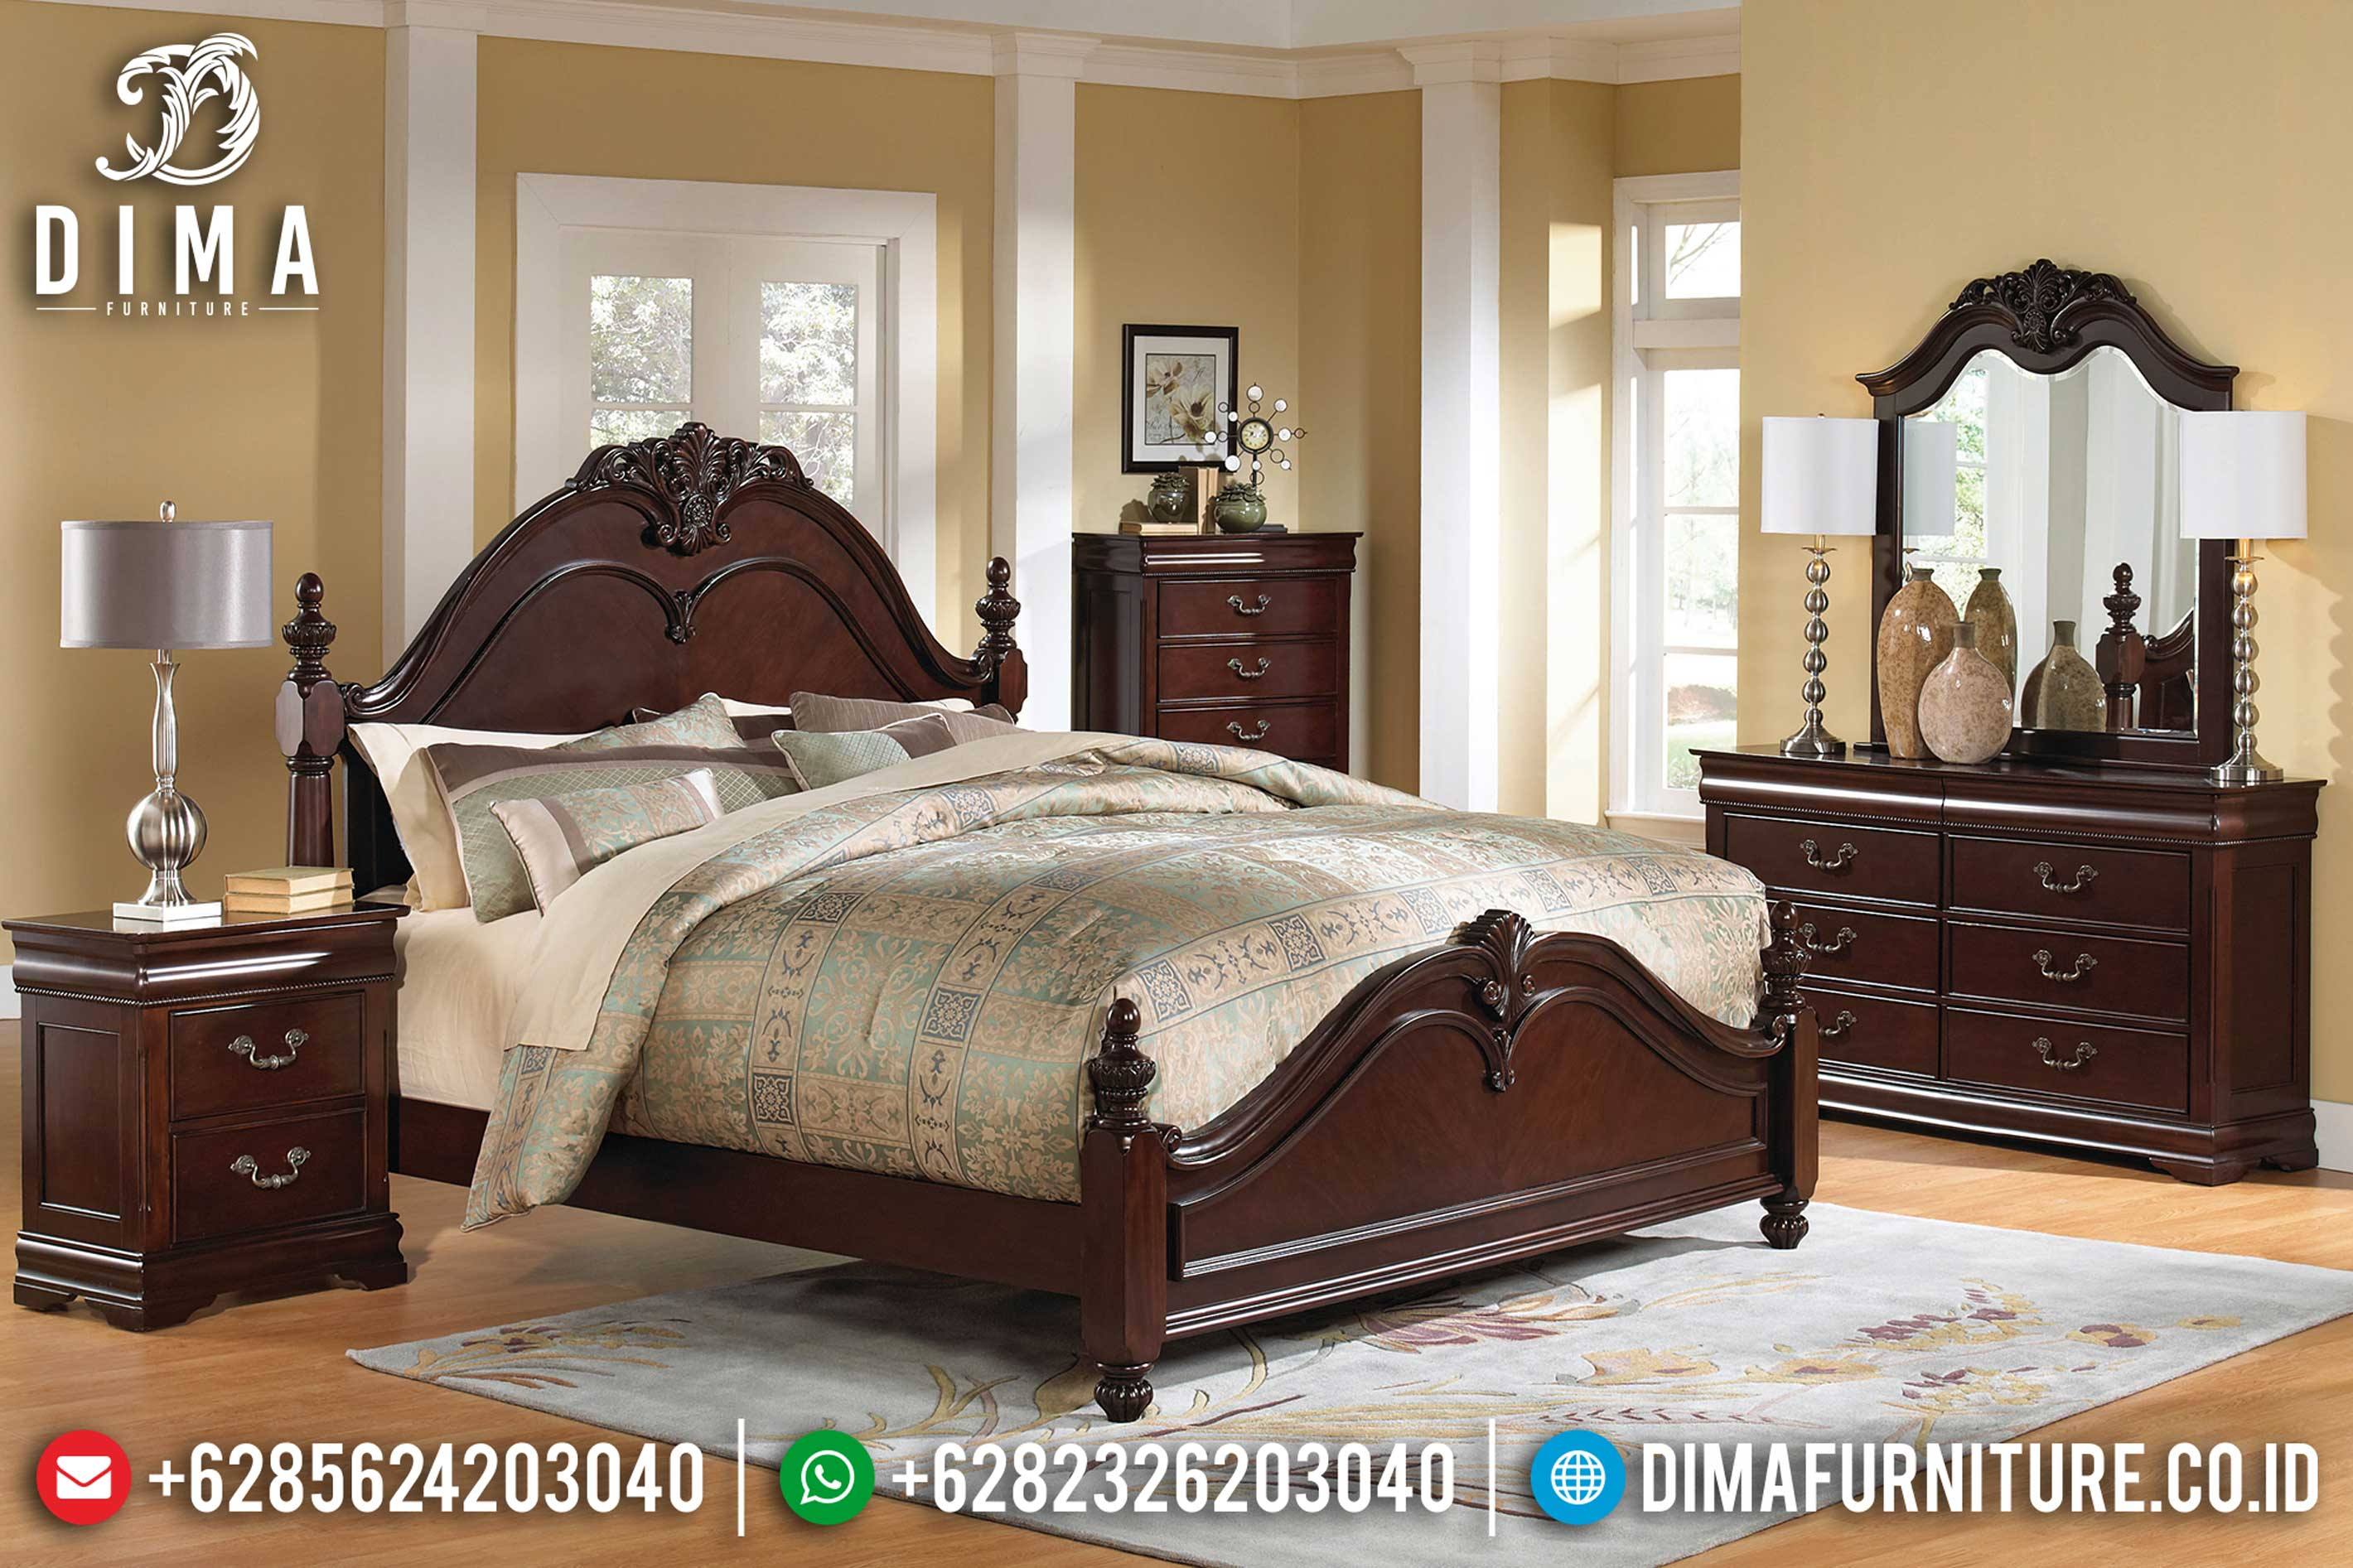 Jual 1 Set Tempat Tidur Jepara Minimalis Mewah Terbaru Jati TPK DF-0635